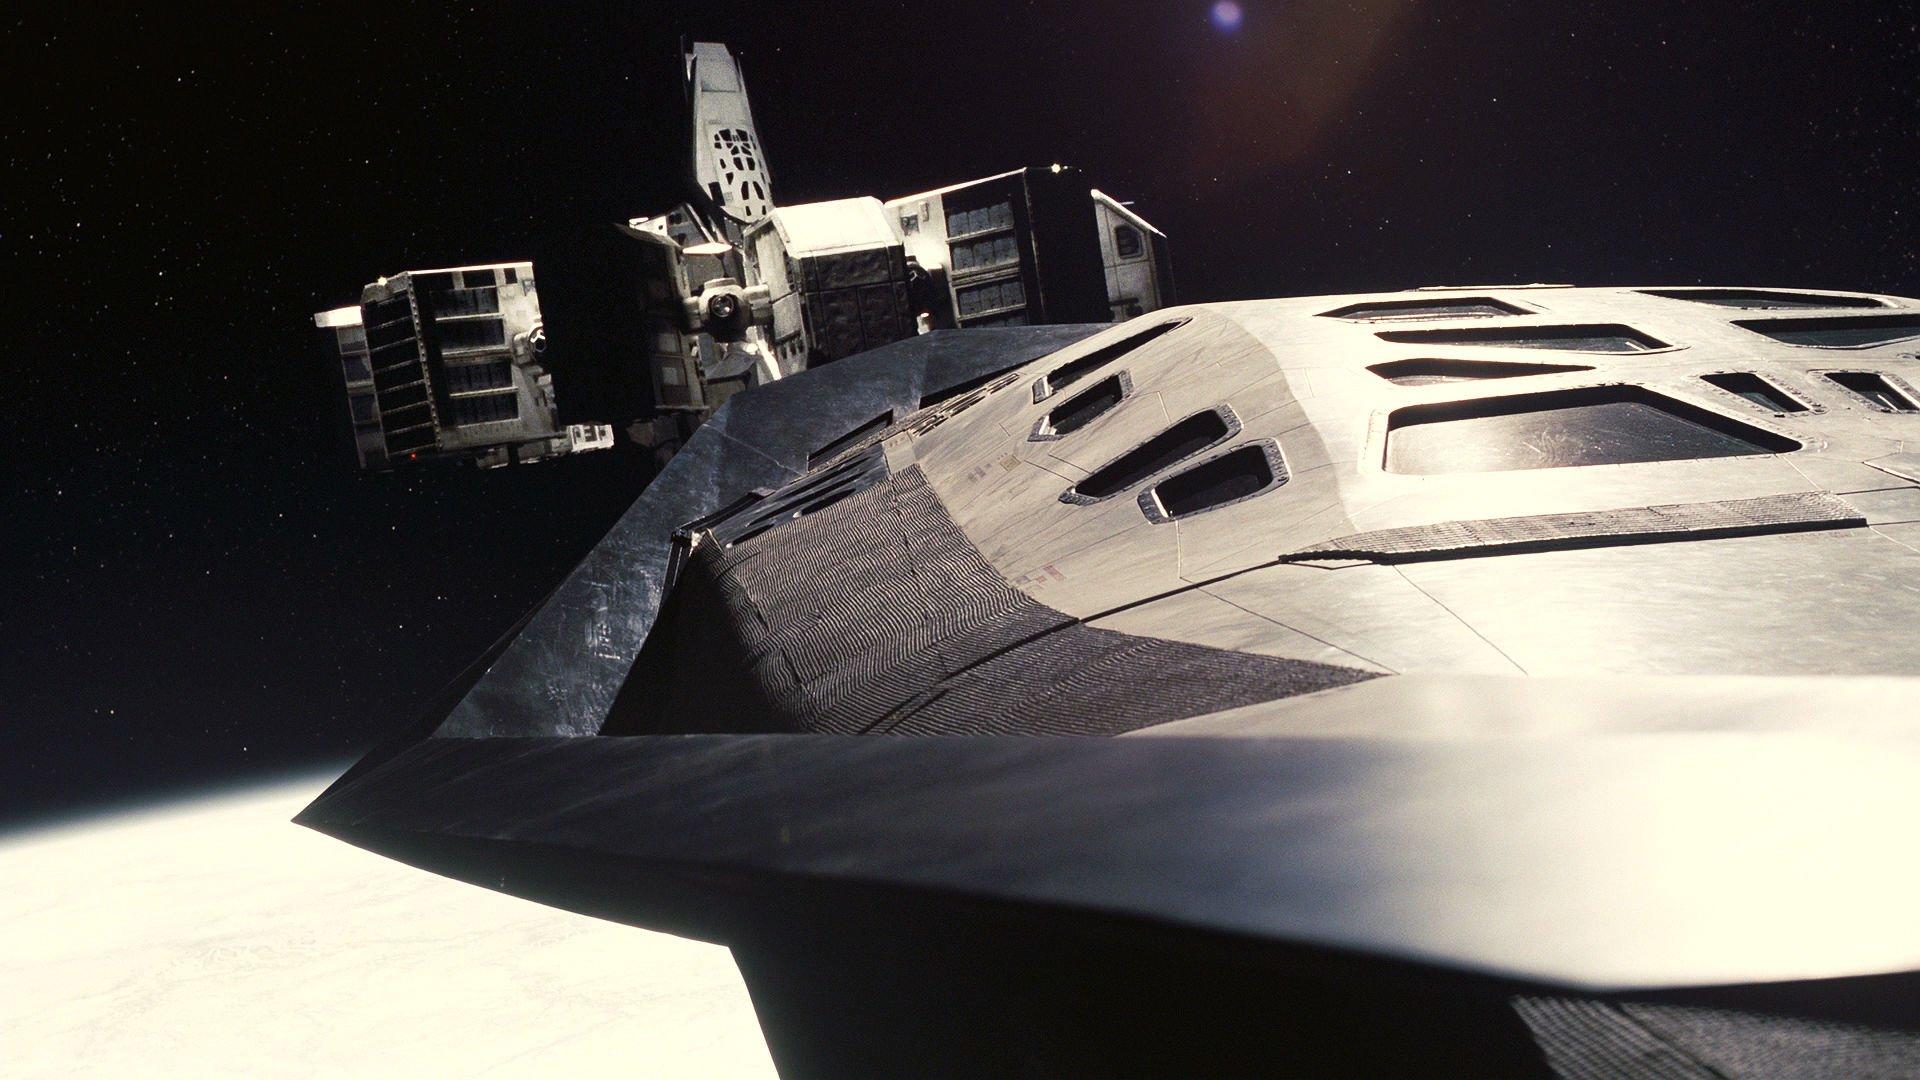 interstellar ranger spacecraft design - HD1920×1080